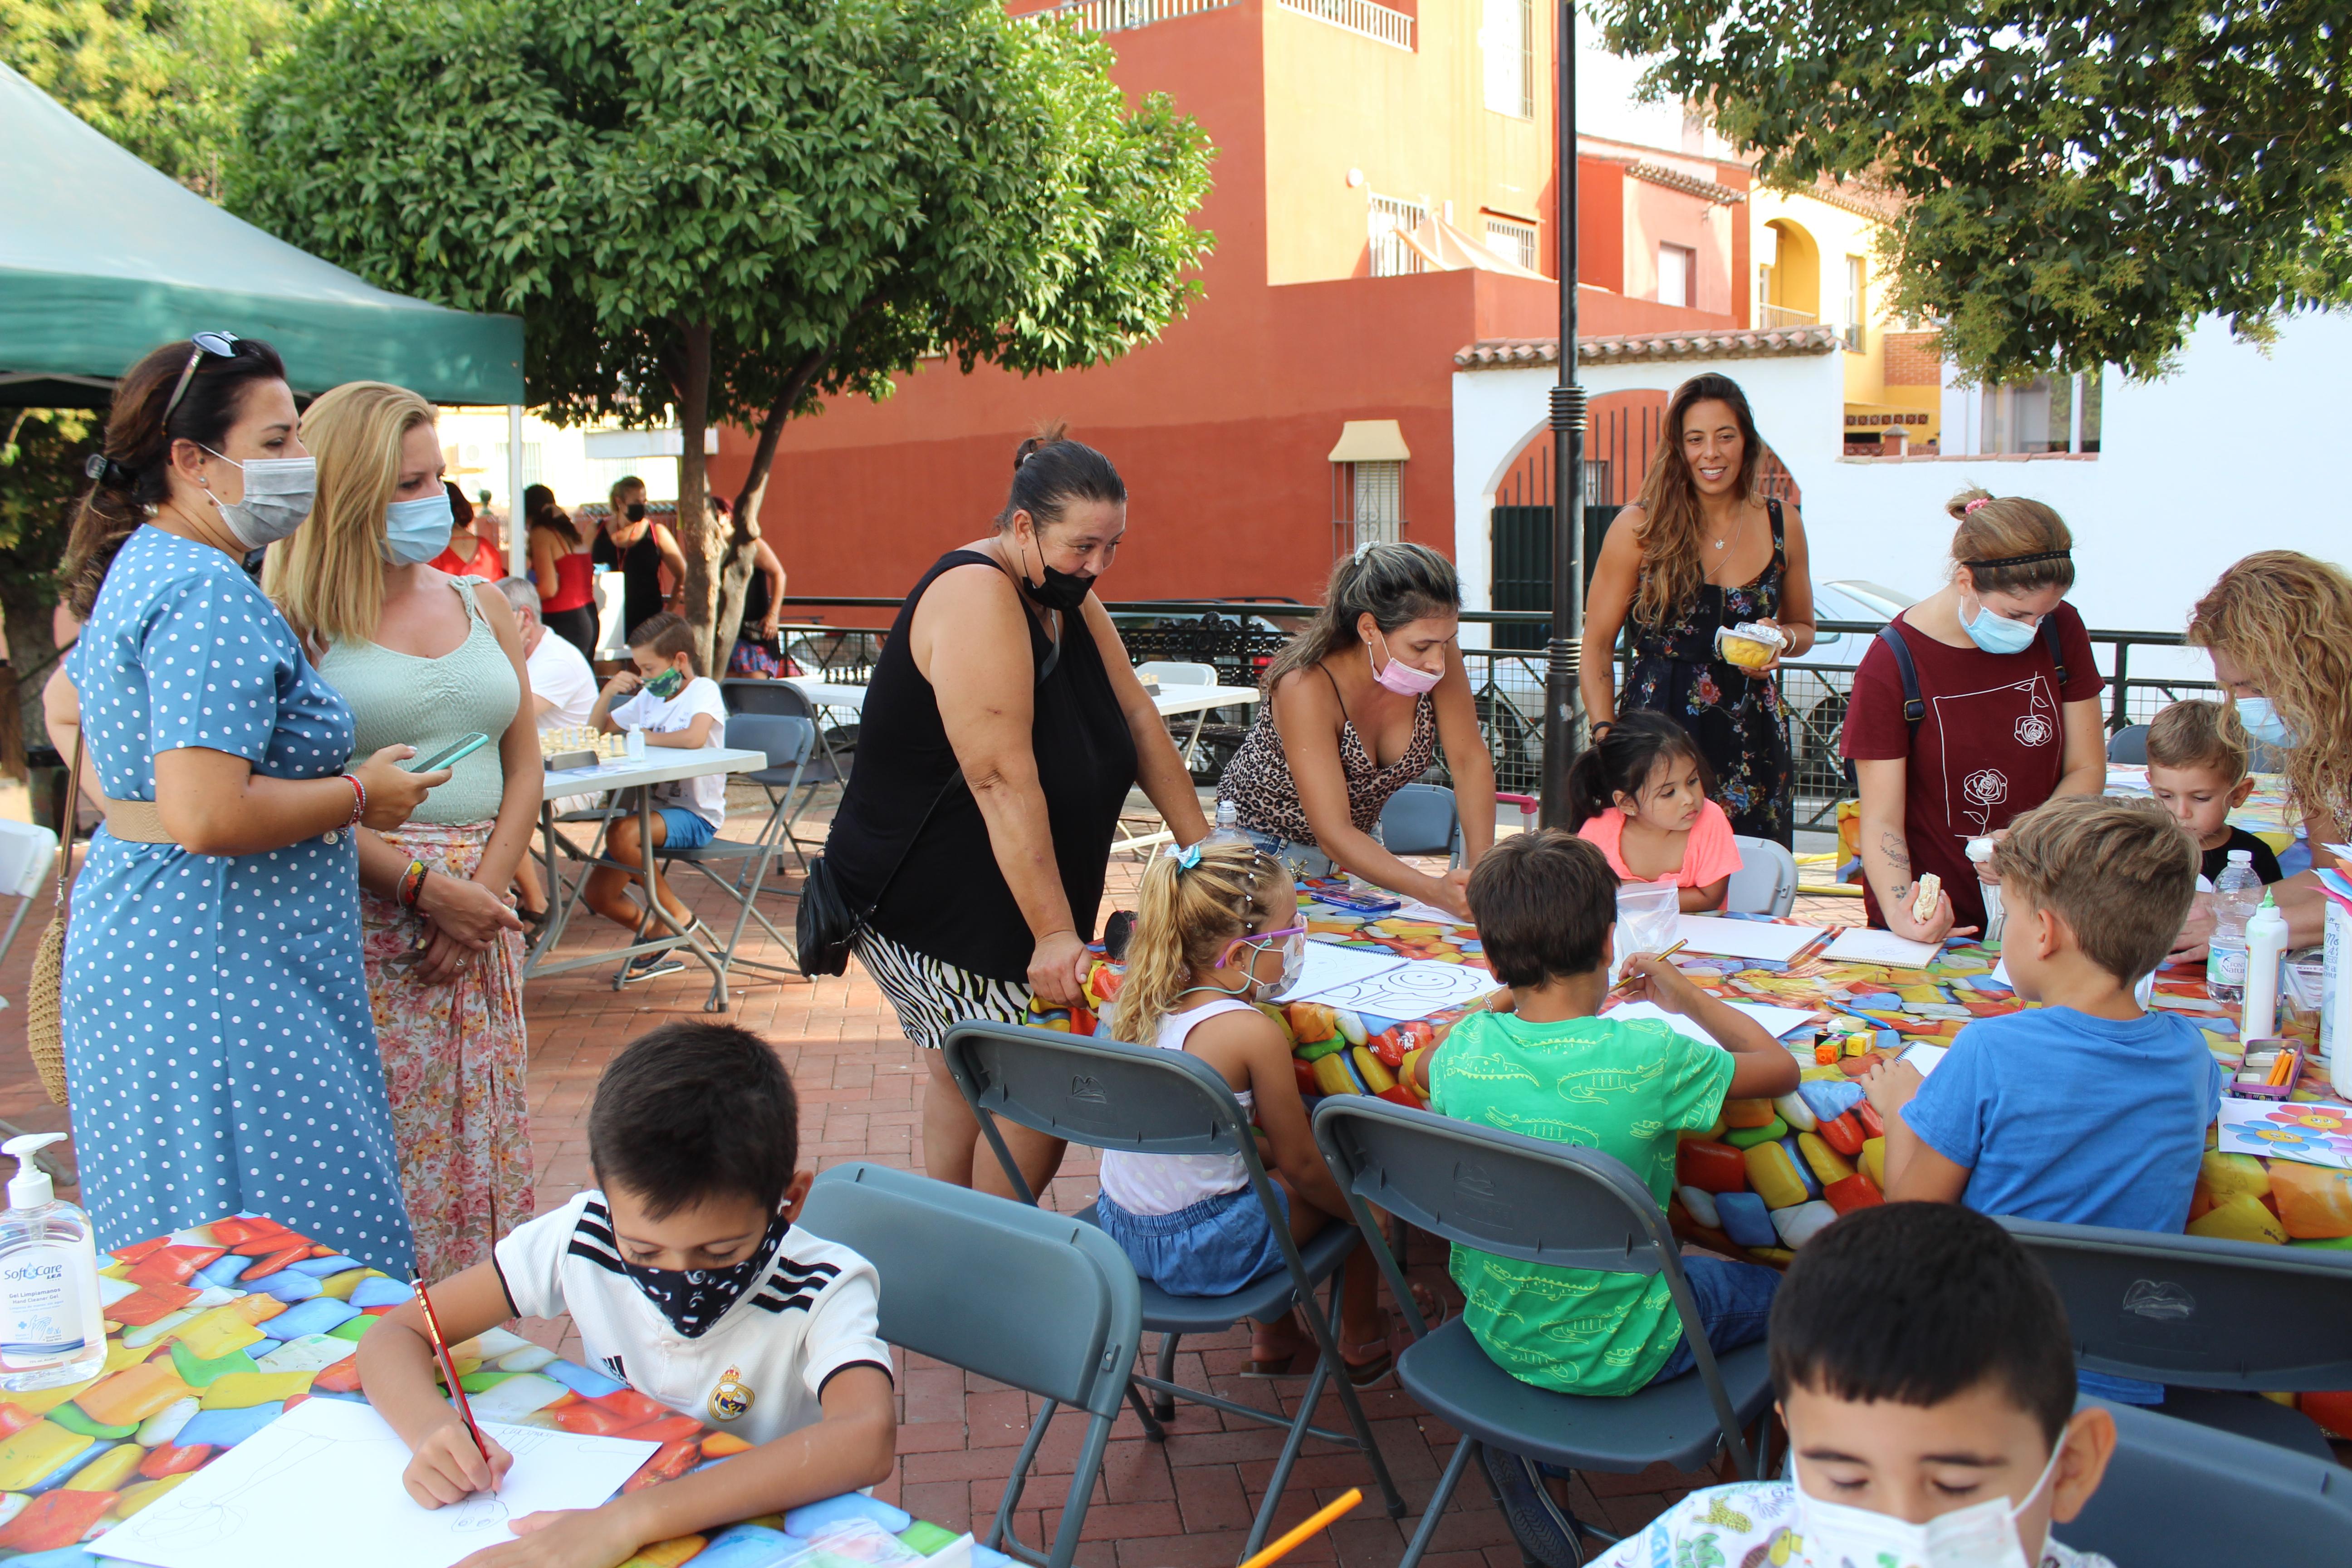 Reencuentro con socios y vecinos en Doña Ermita